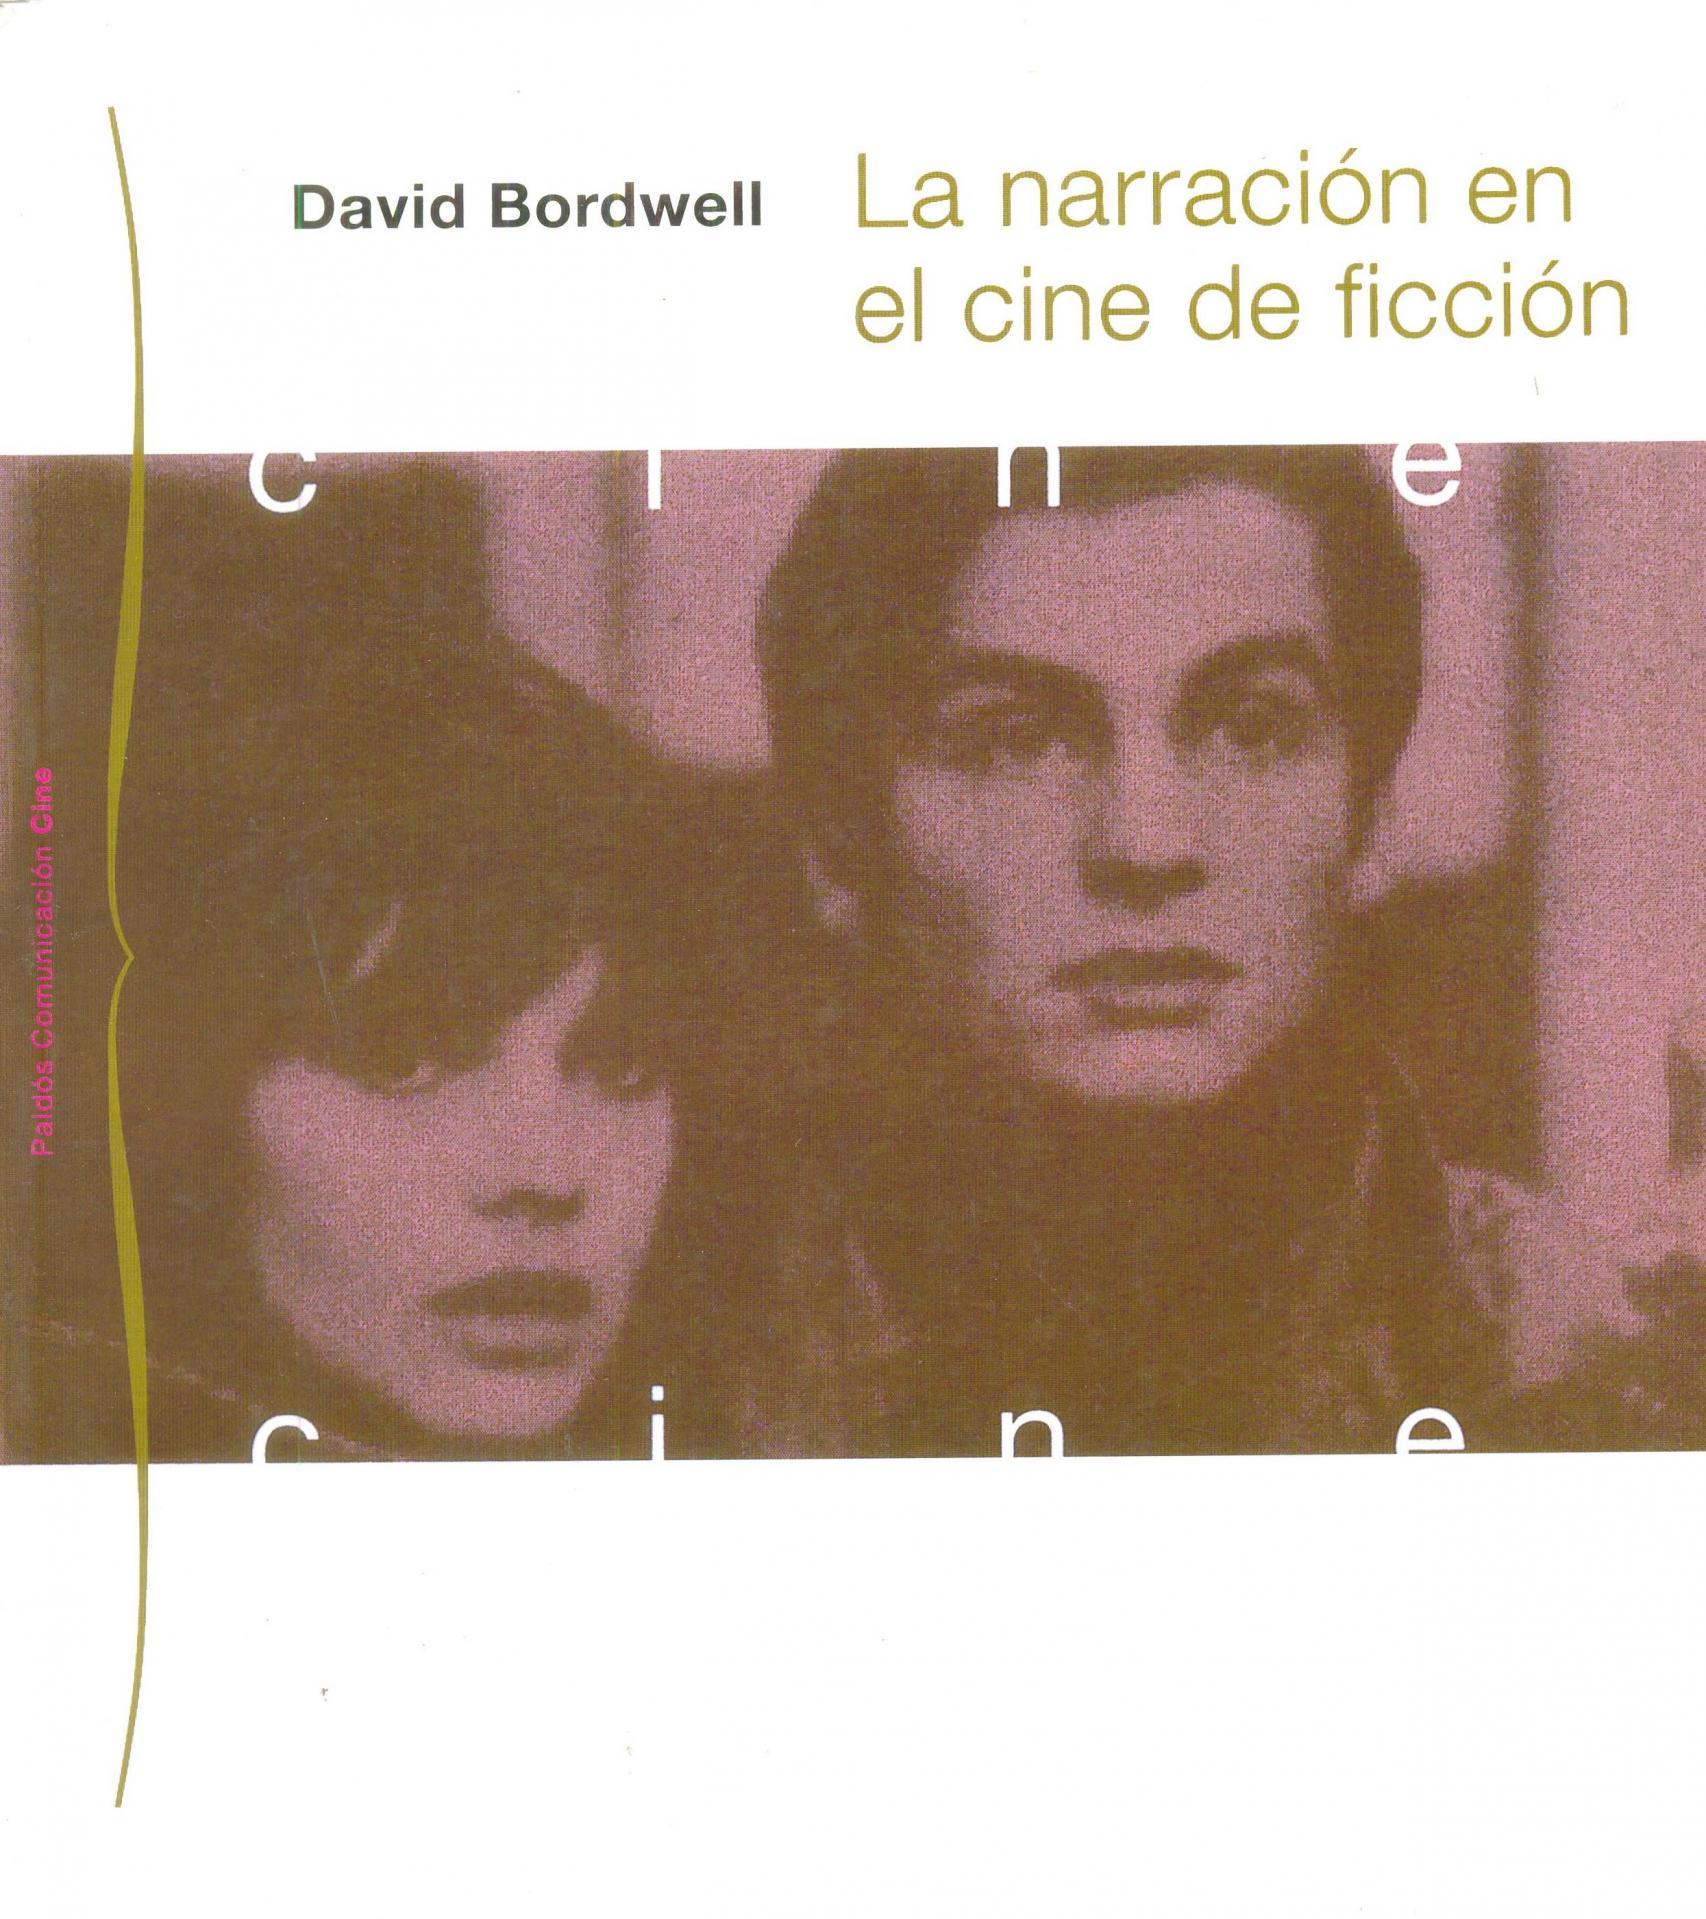 LA NARRACIÓN EN EL CINE DE FICCIÓN. Bordwell, D.